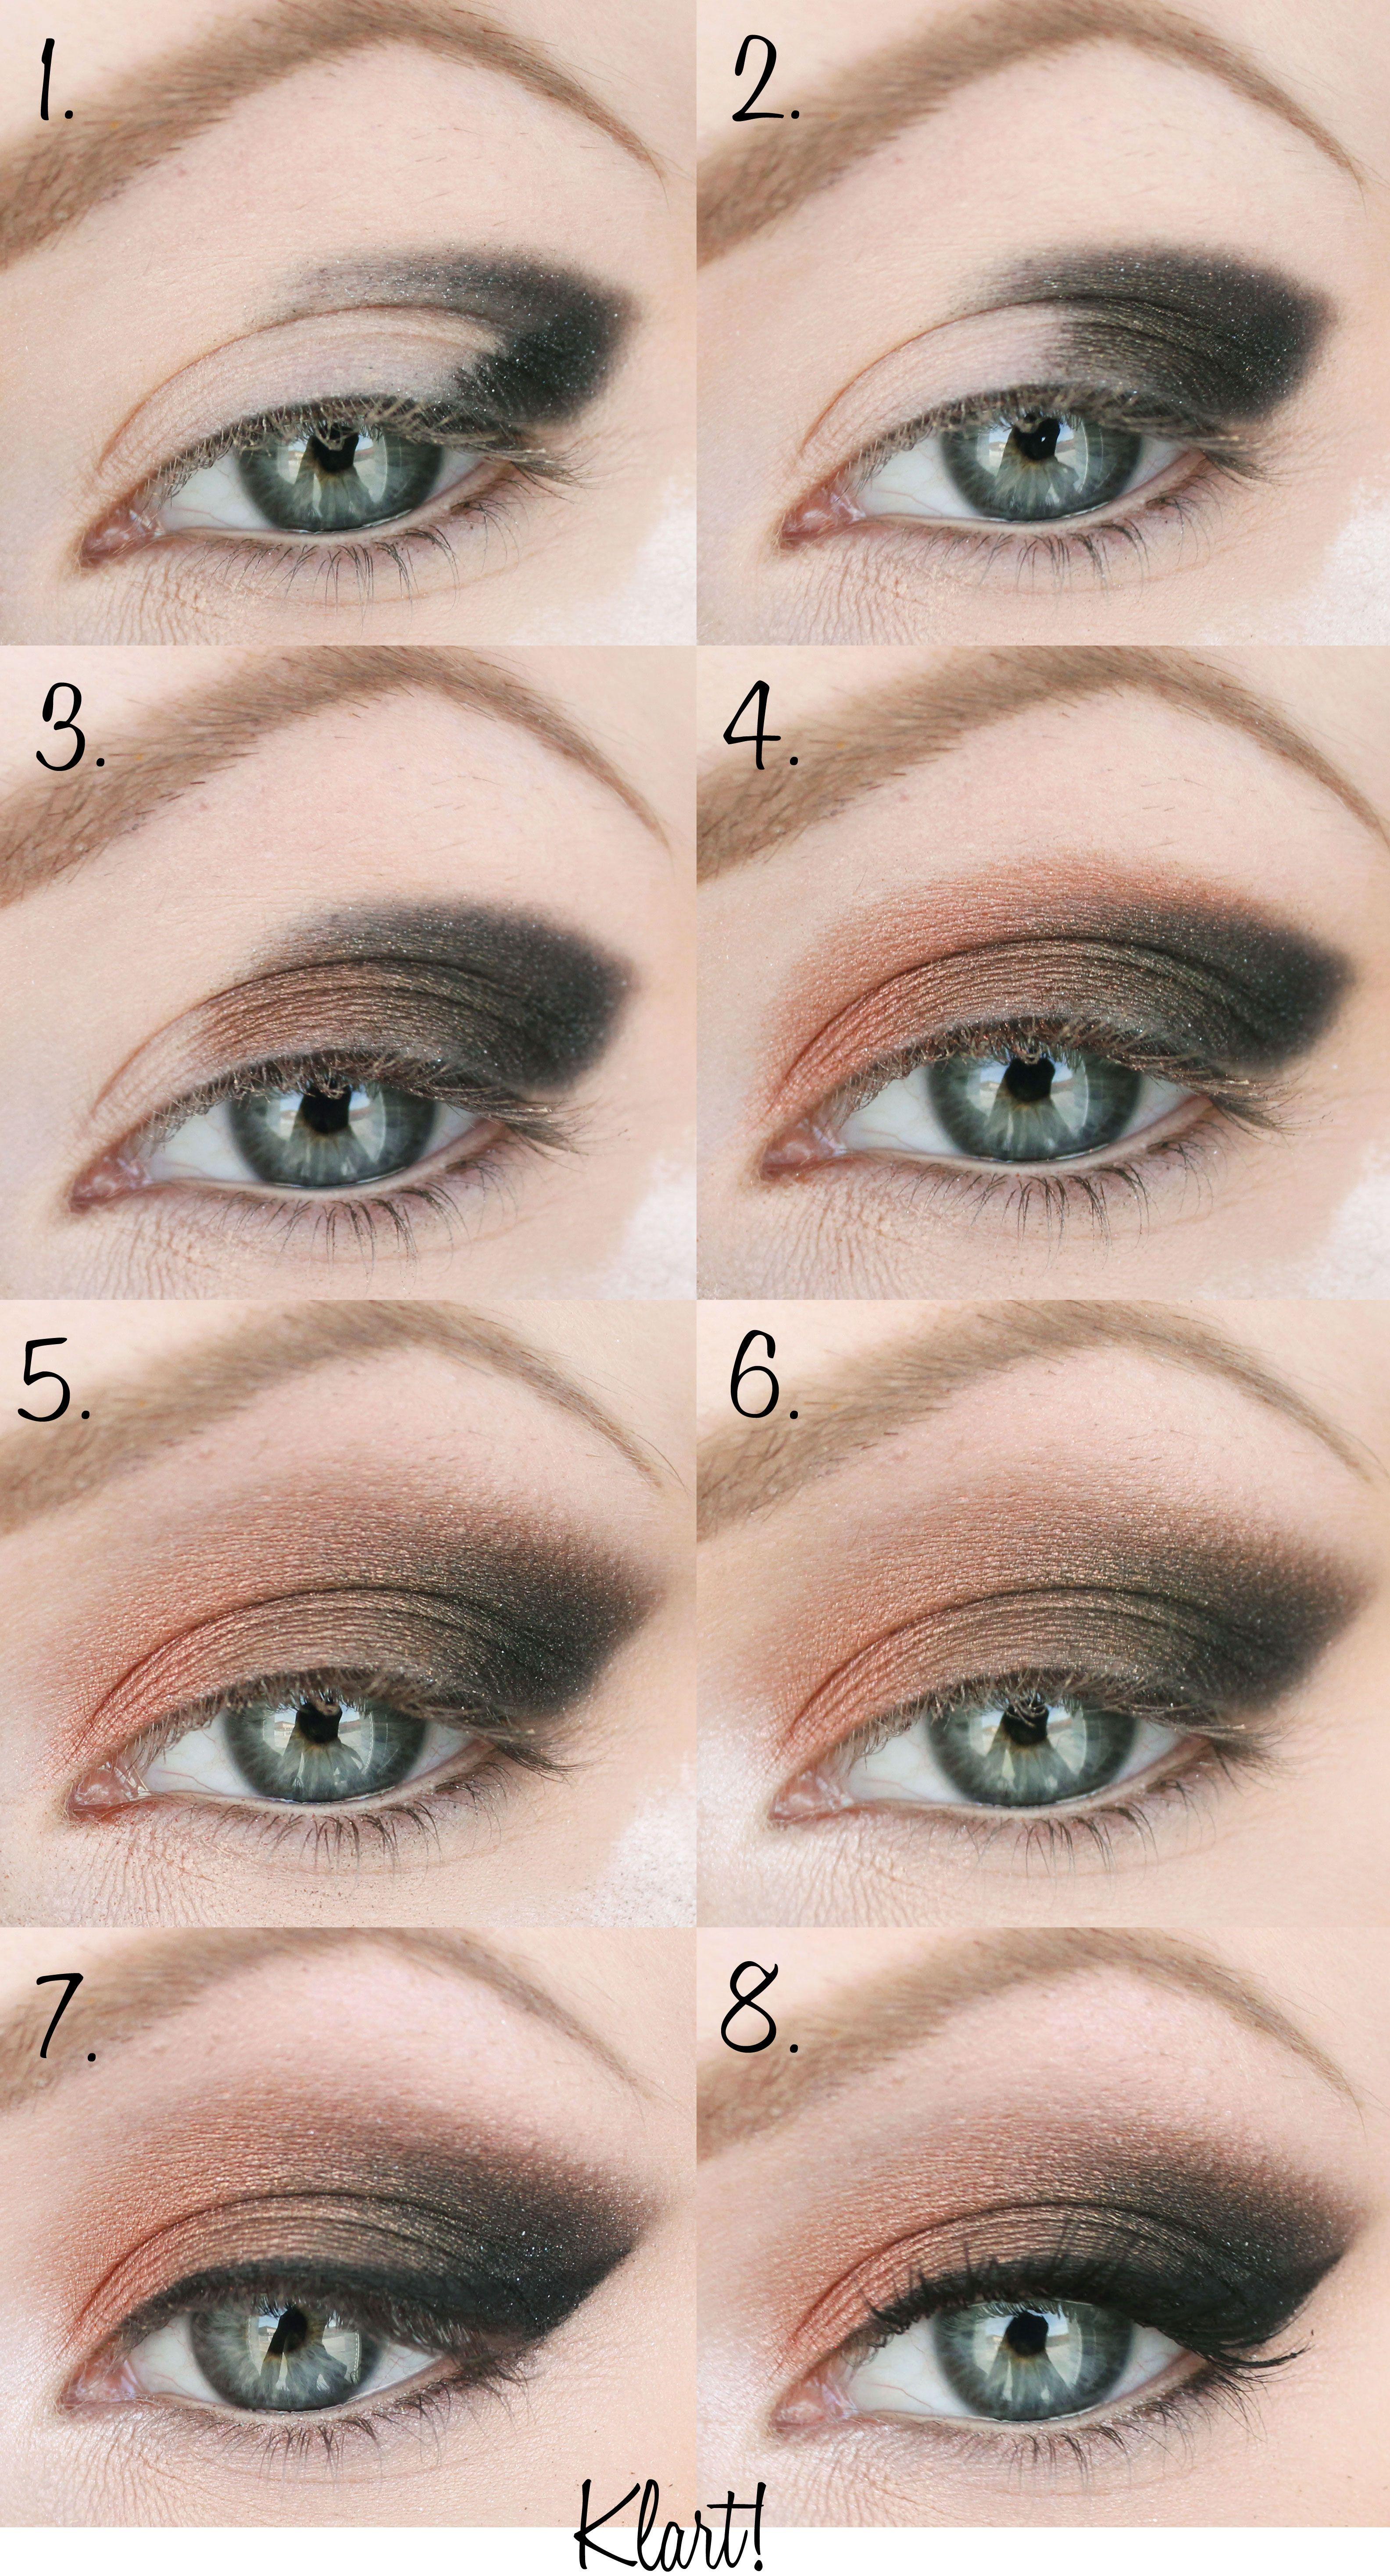 Ögonskugga steg för steg